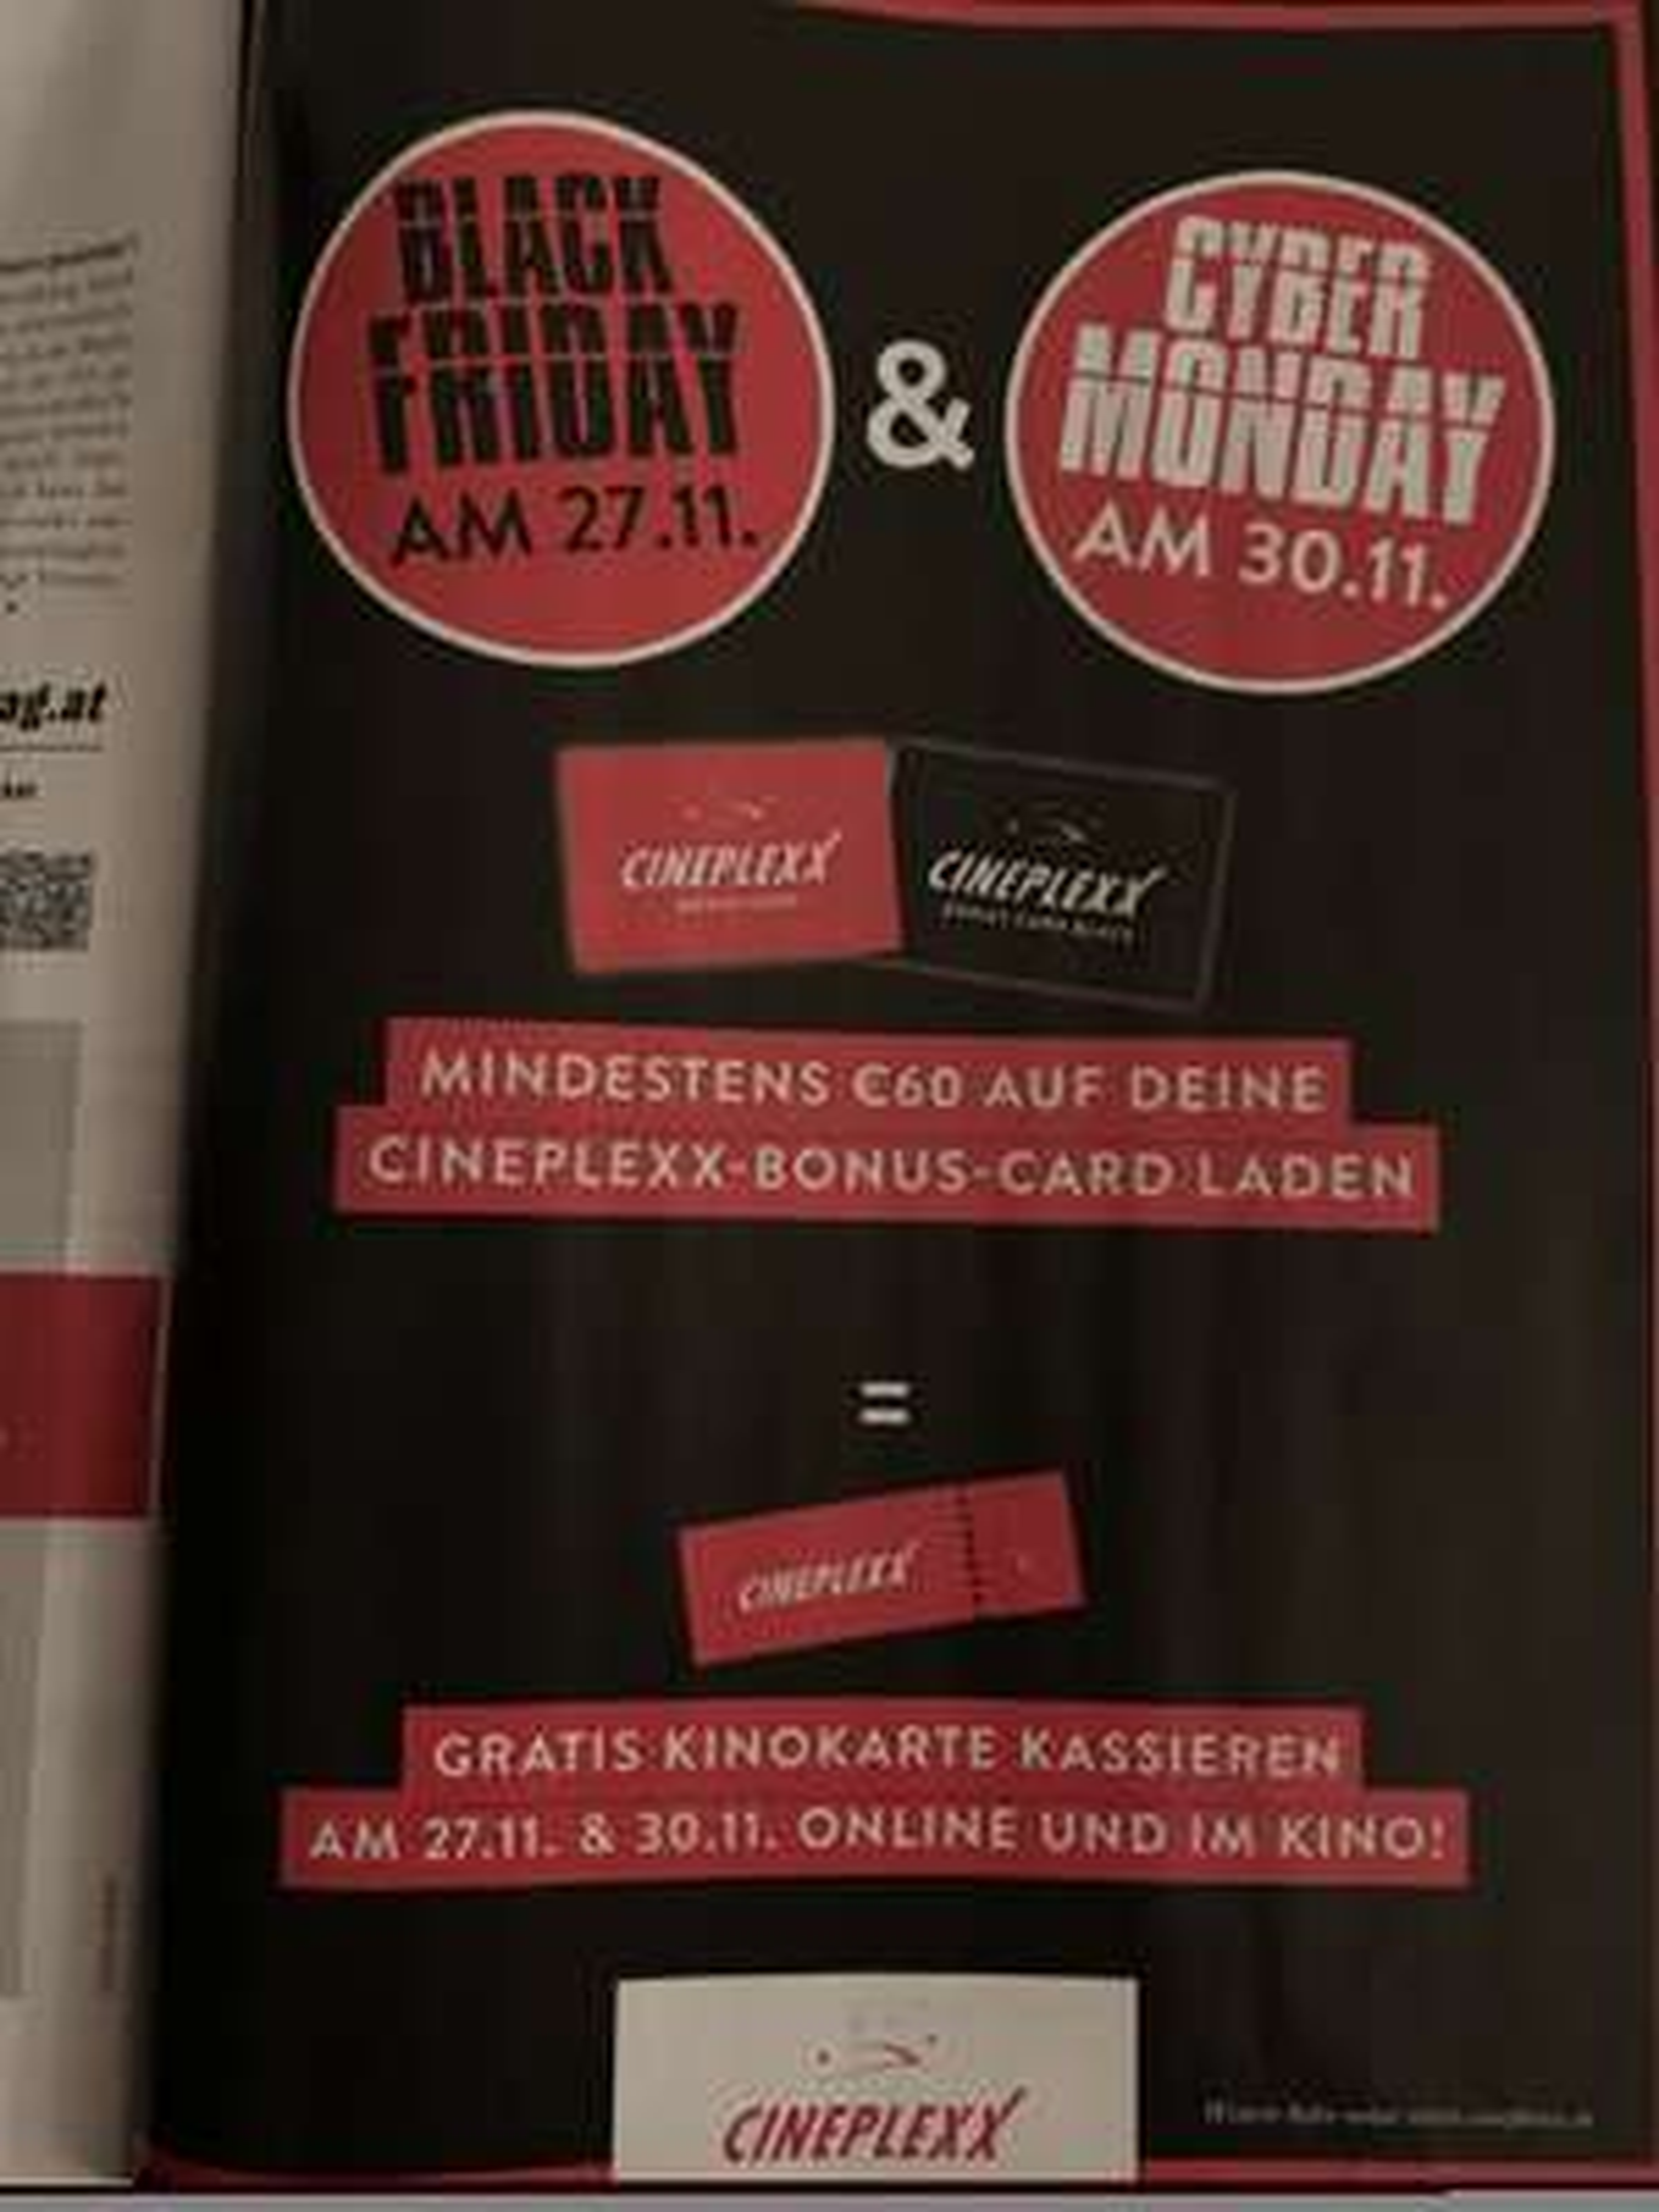 Cineplexx - Gratis Kinokarte bei Aufladung von € 60,- auf deine Bonus-Card